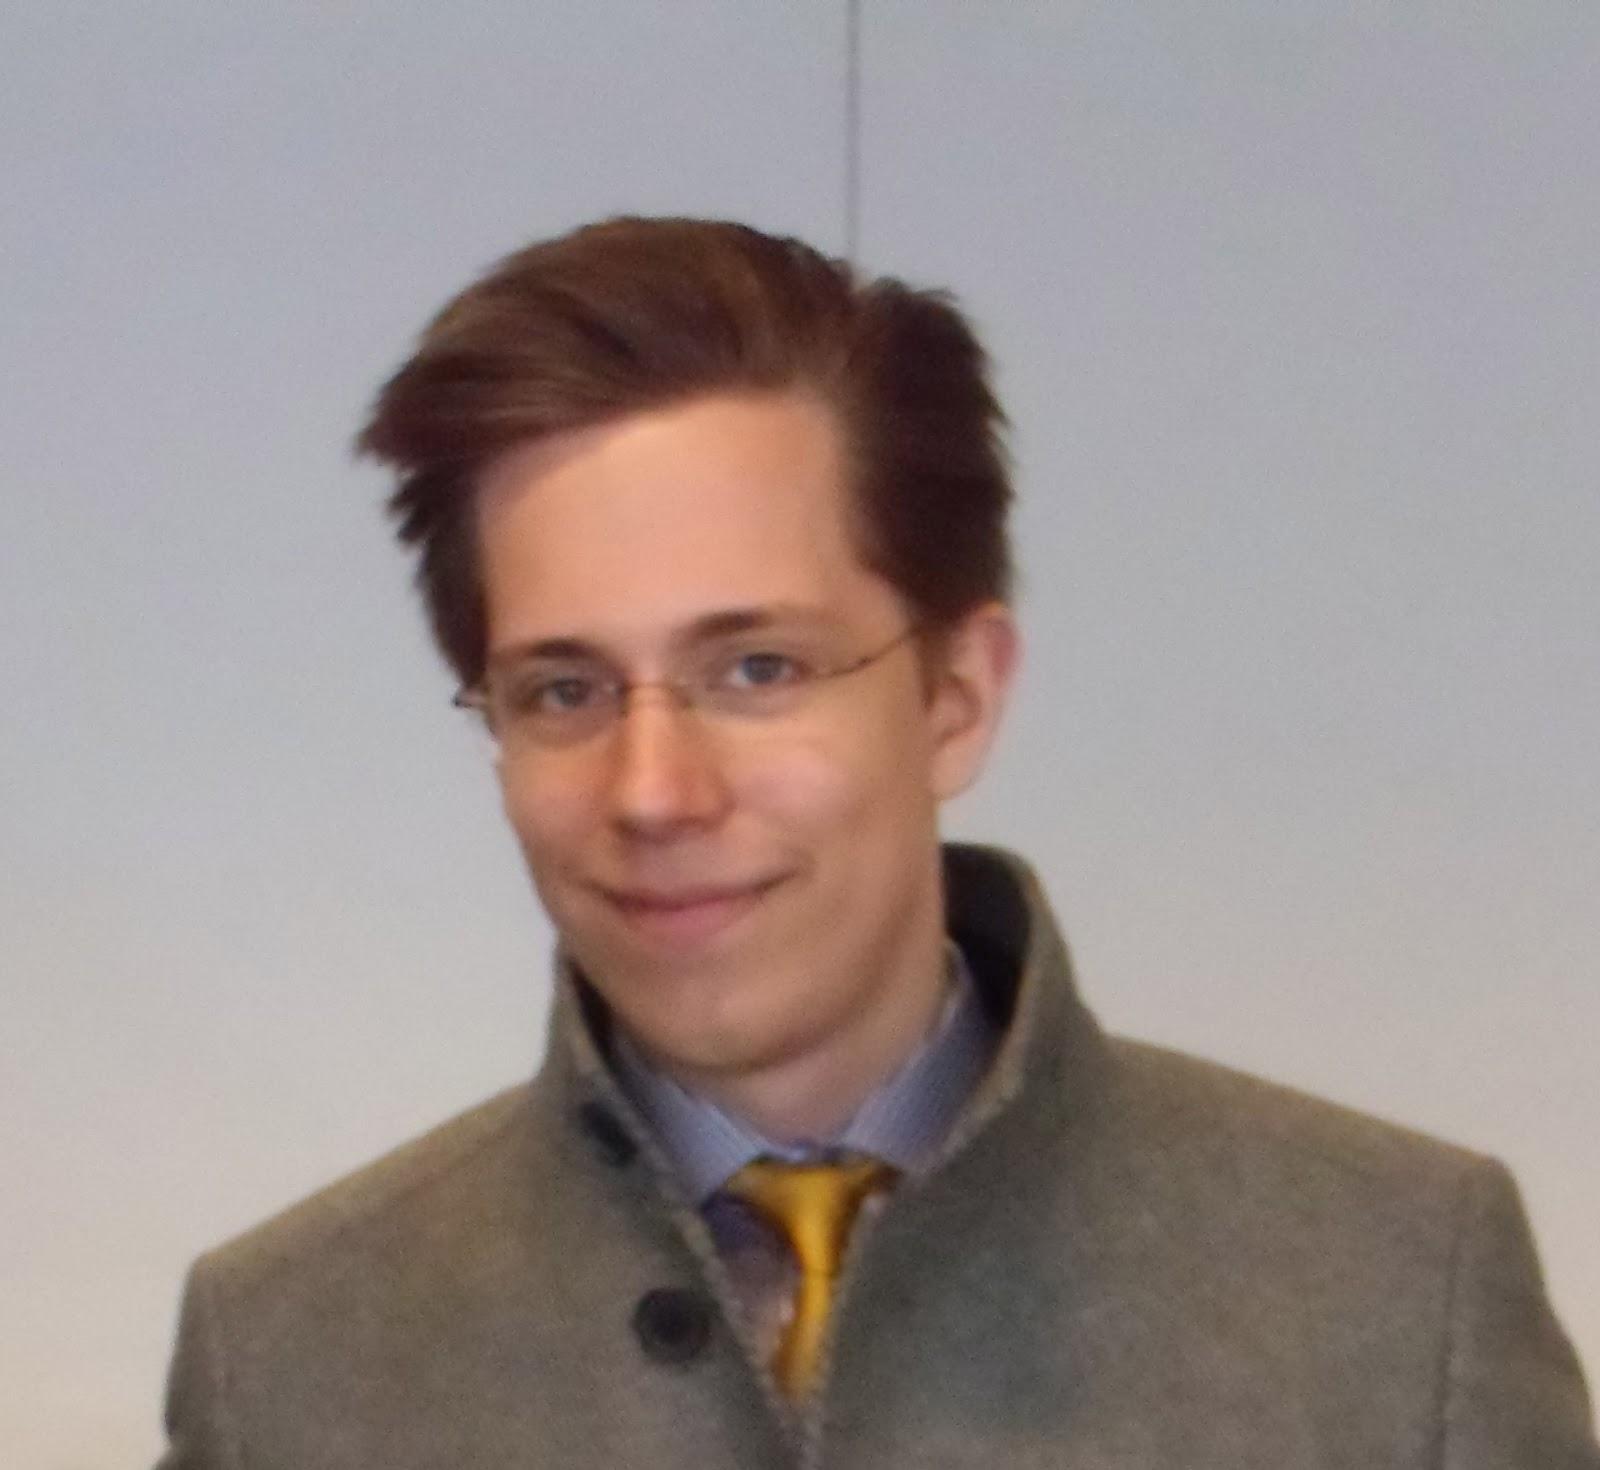 Georg Taubitz